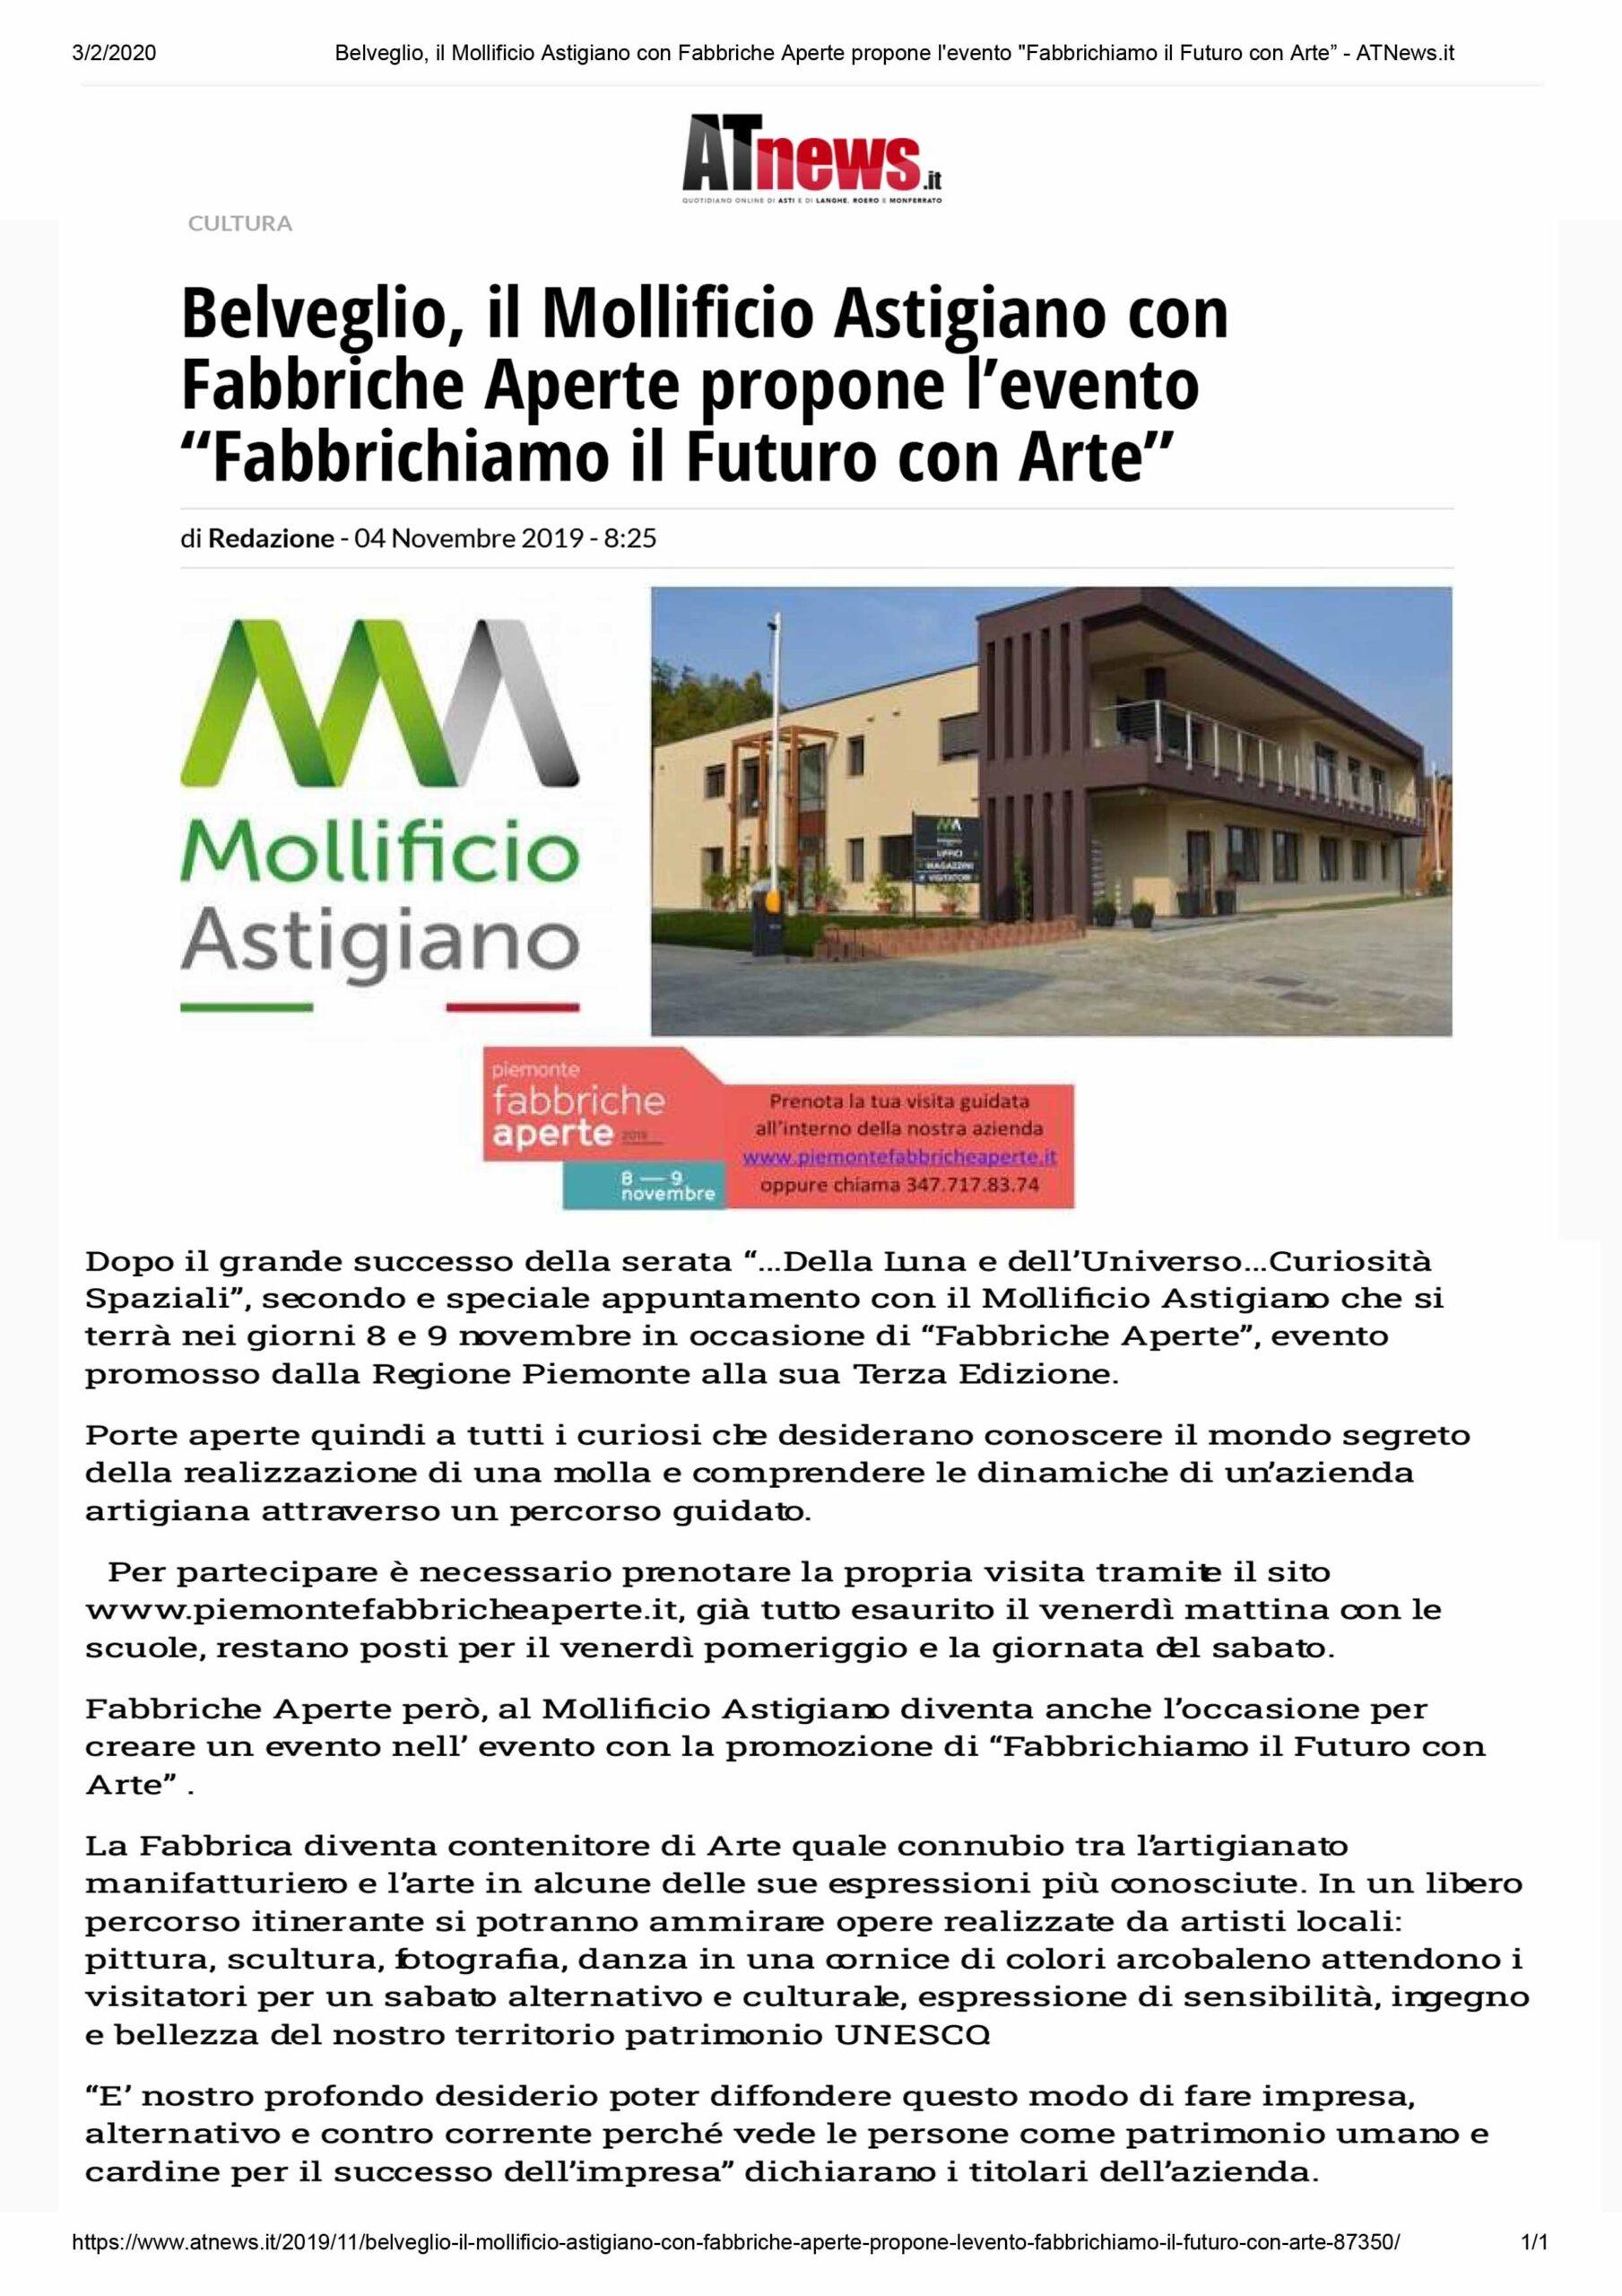 AT NEWS-Fabbriche-aperte 2019-Mollificio-Astigiano-Belveglio